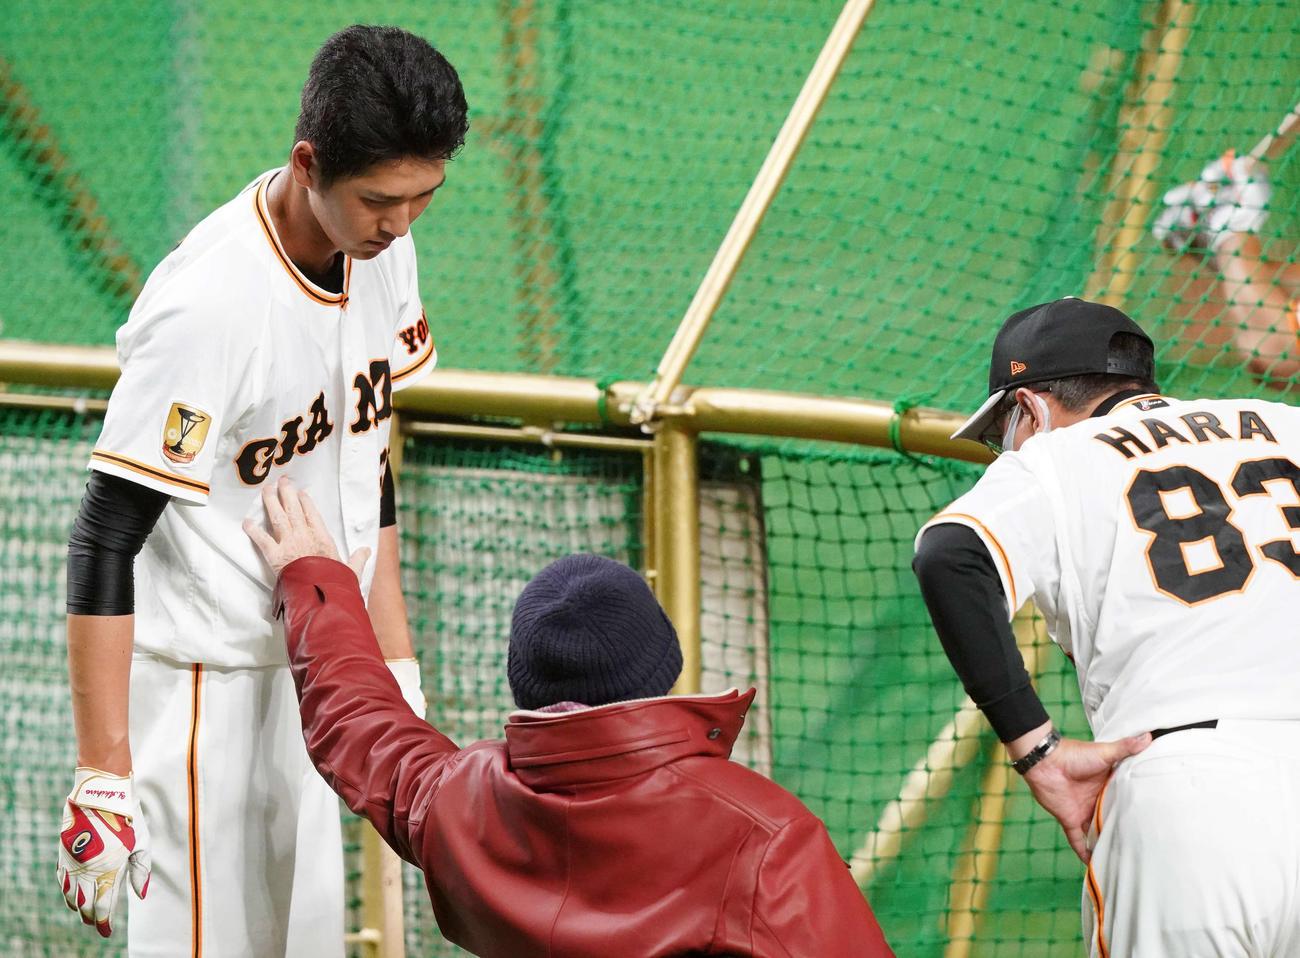 打撃練習する巨人秋広(左)へ言葉をかけ体に触れる長嶋終身名誉監督。右は原監督(撮影・江口和貴)